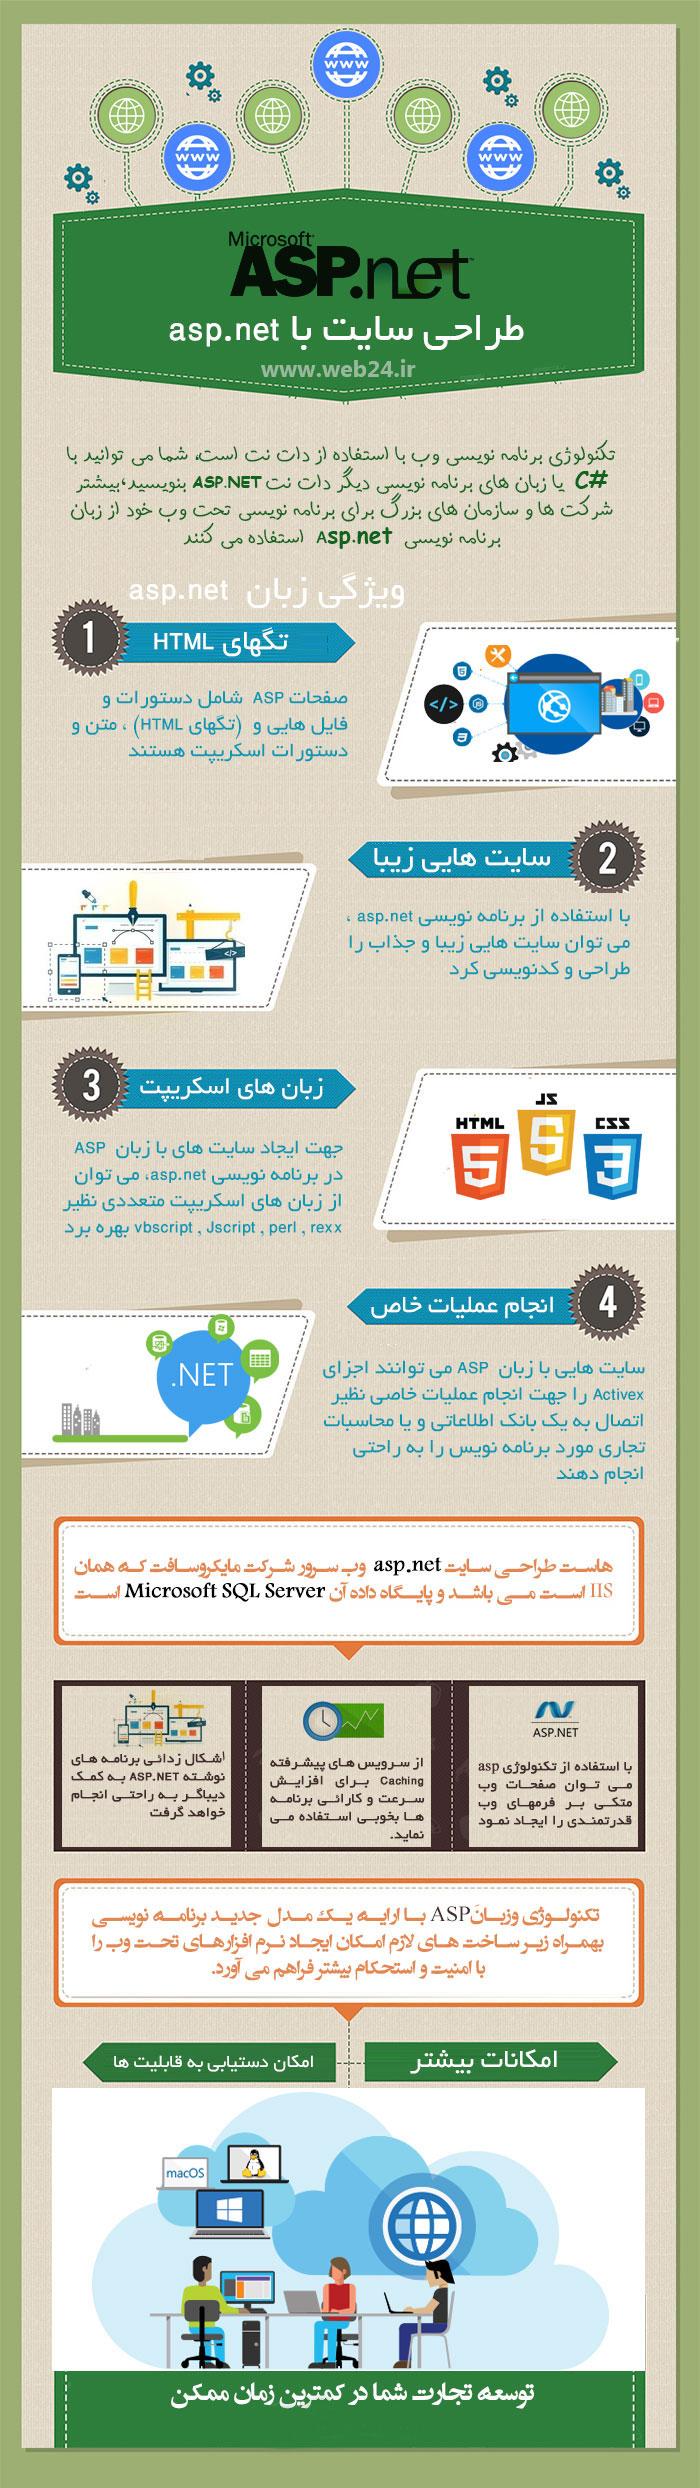 اینفوگرافی ویژگی های طراحی سایت با ASP.NET title=